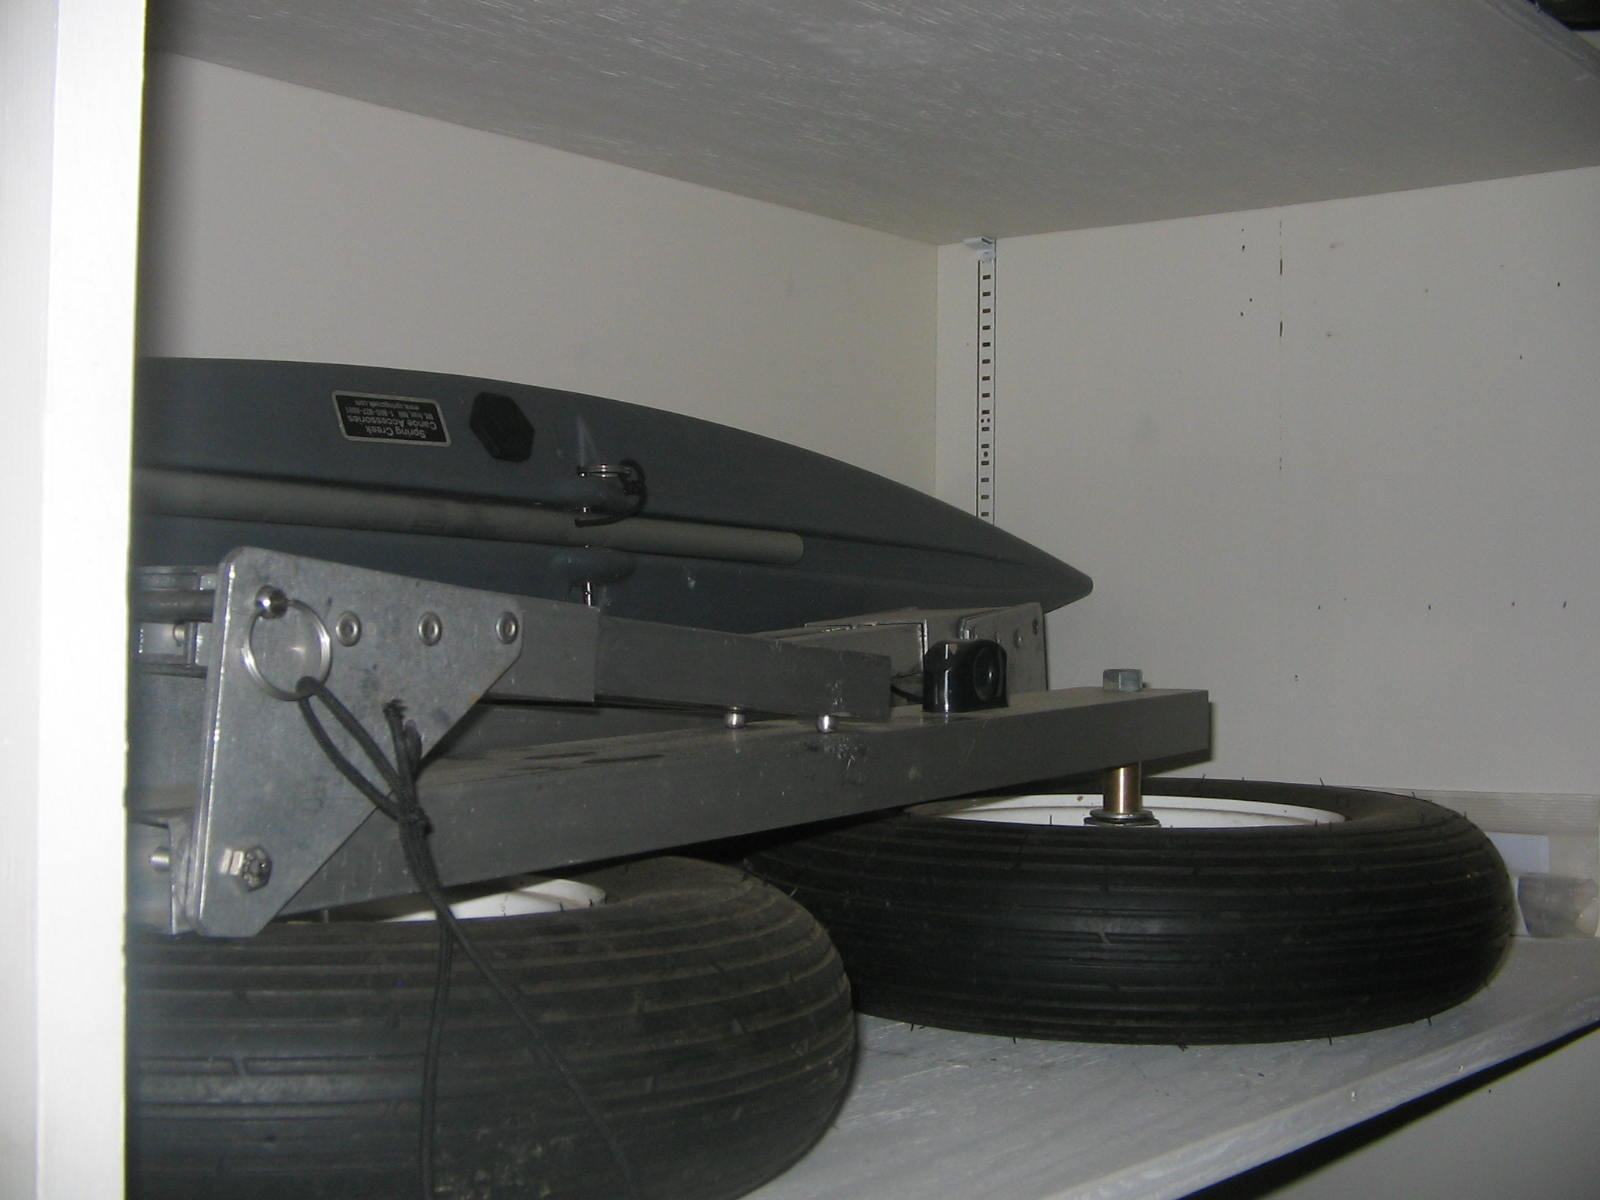 BWCA Grumman Sport boats (2), 6hp, trailer, portage wheels